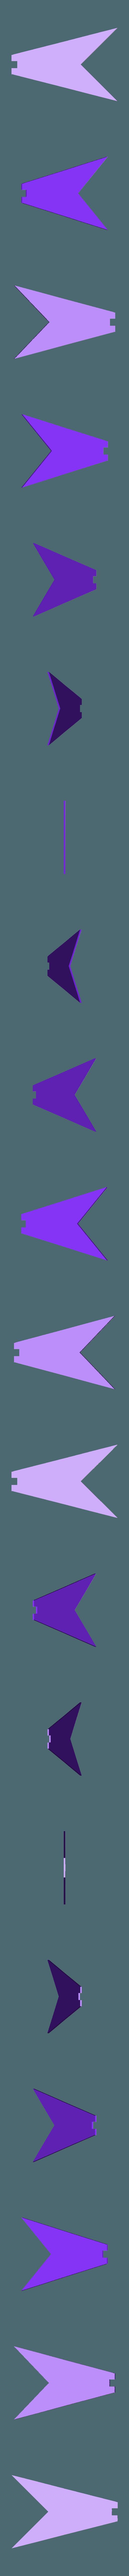 Vane.stl Télécharger fichier STL gratuit Santa Whirligig • Objet pour imprimante 3D, Sparky6548